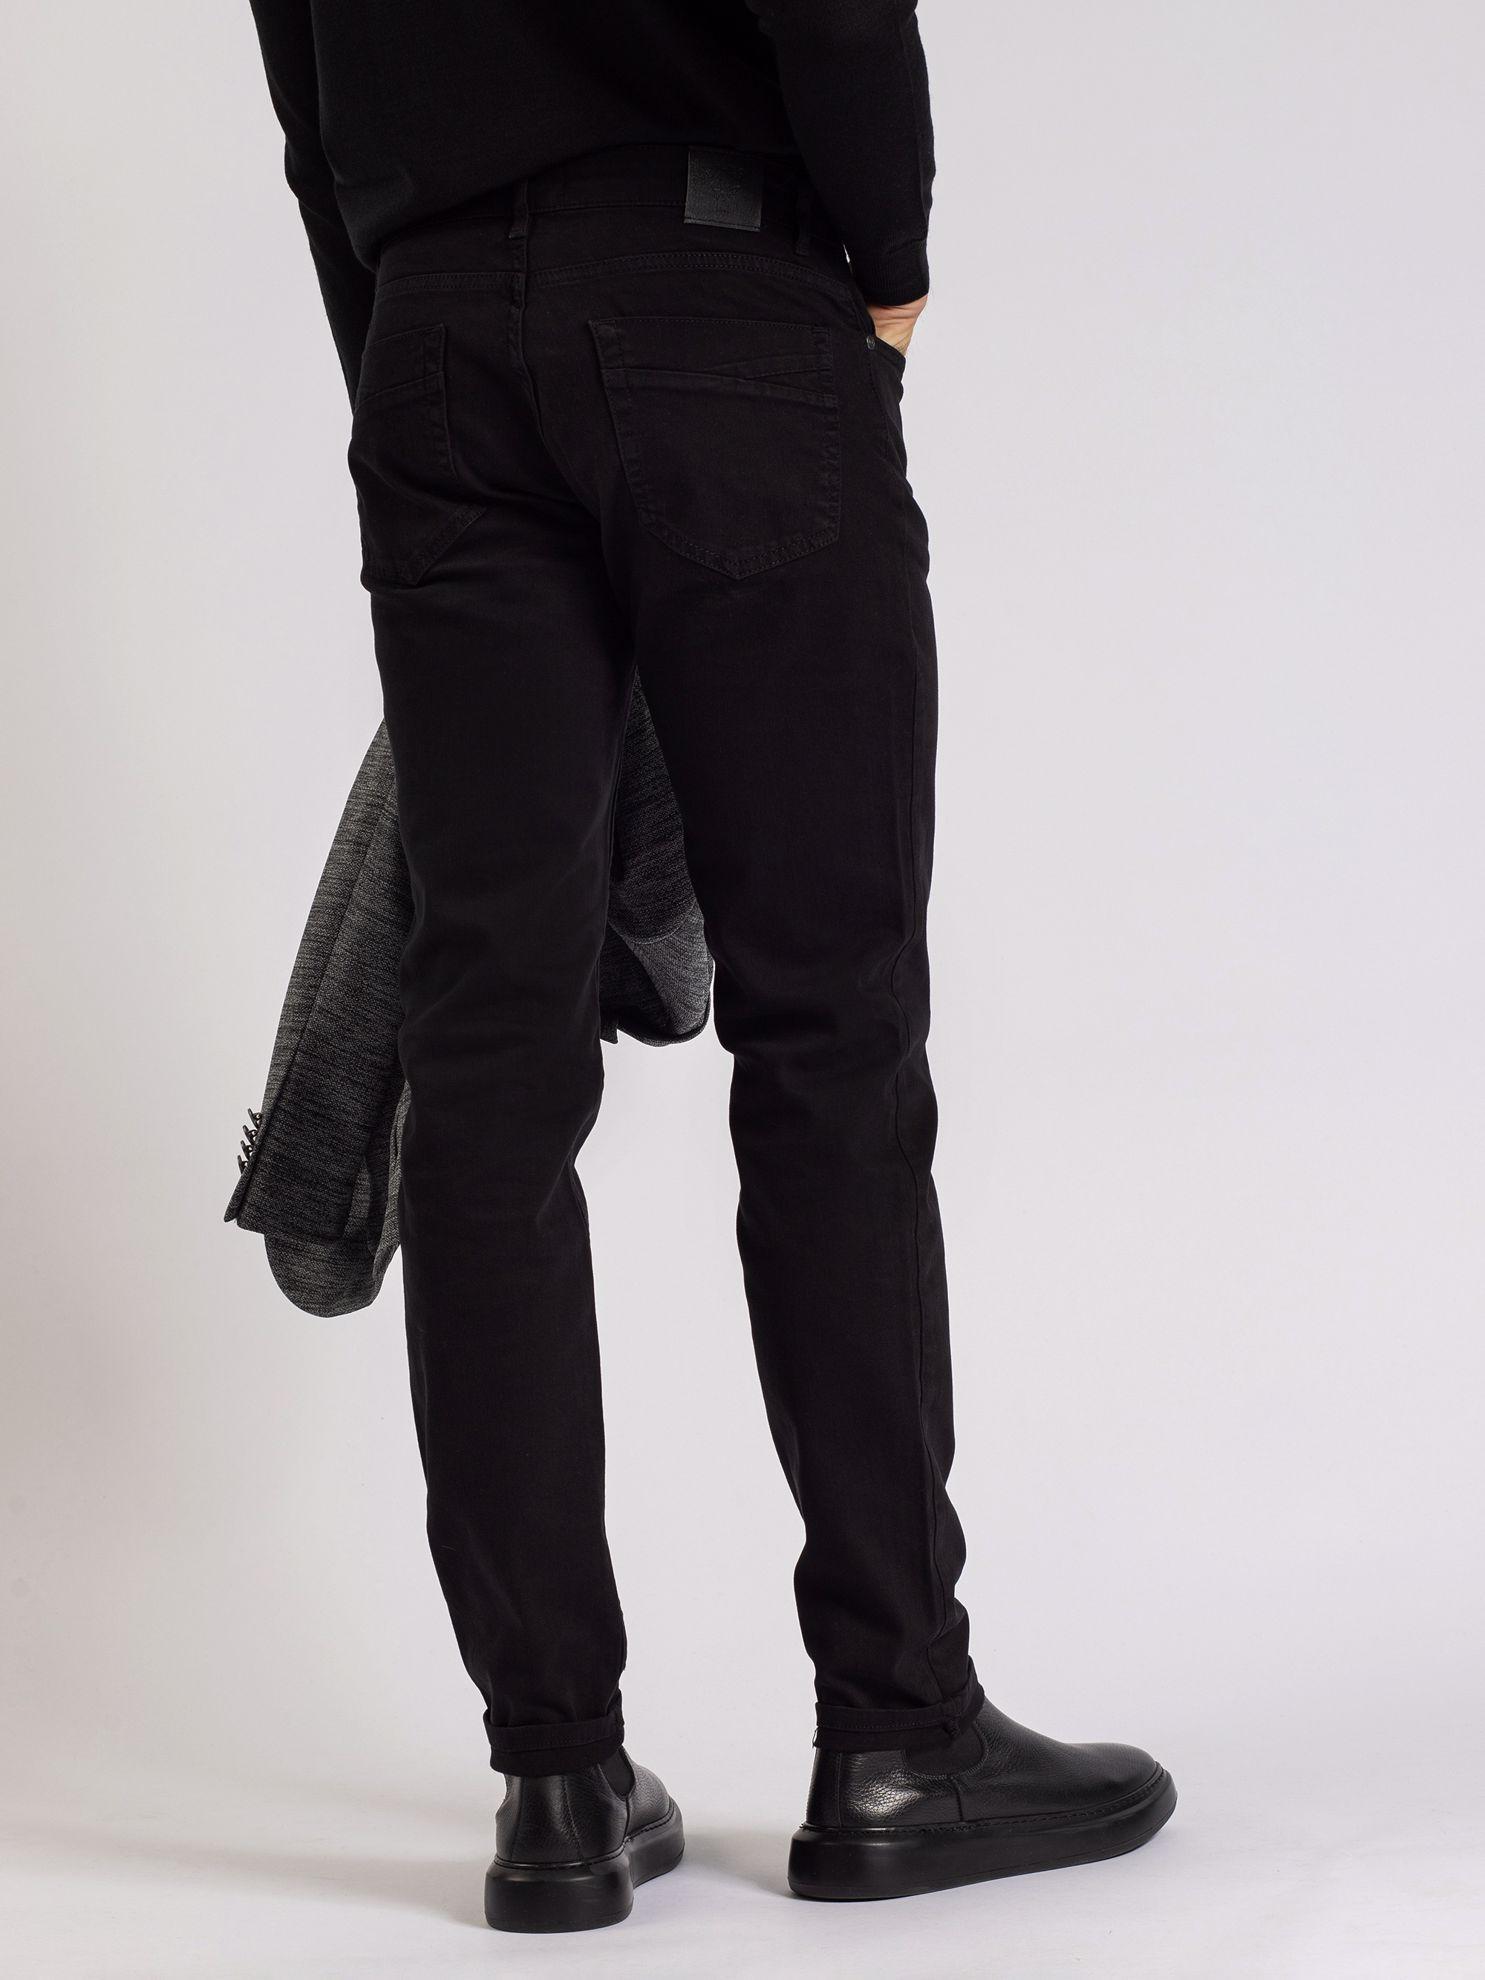 Toss Erkek Jean-Siyah. ürün görseli